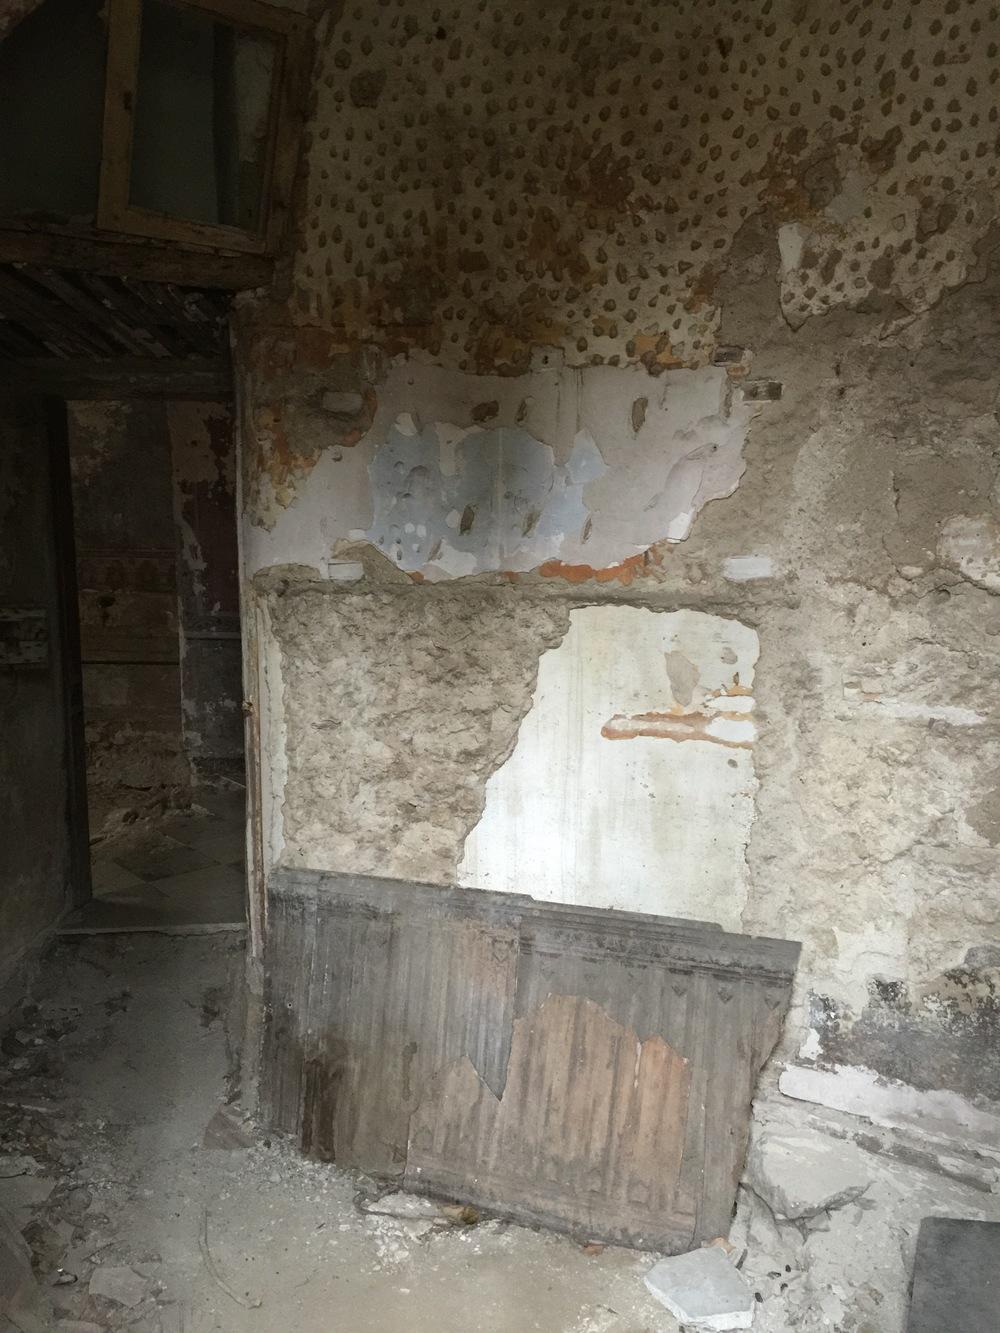 Le-Jardin-du-Calvaire-Carcassonne-jessewaugh.com-36.jpg